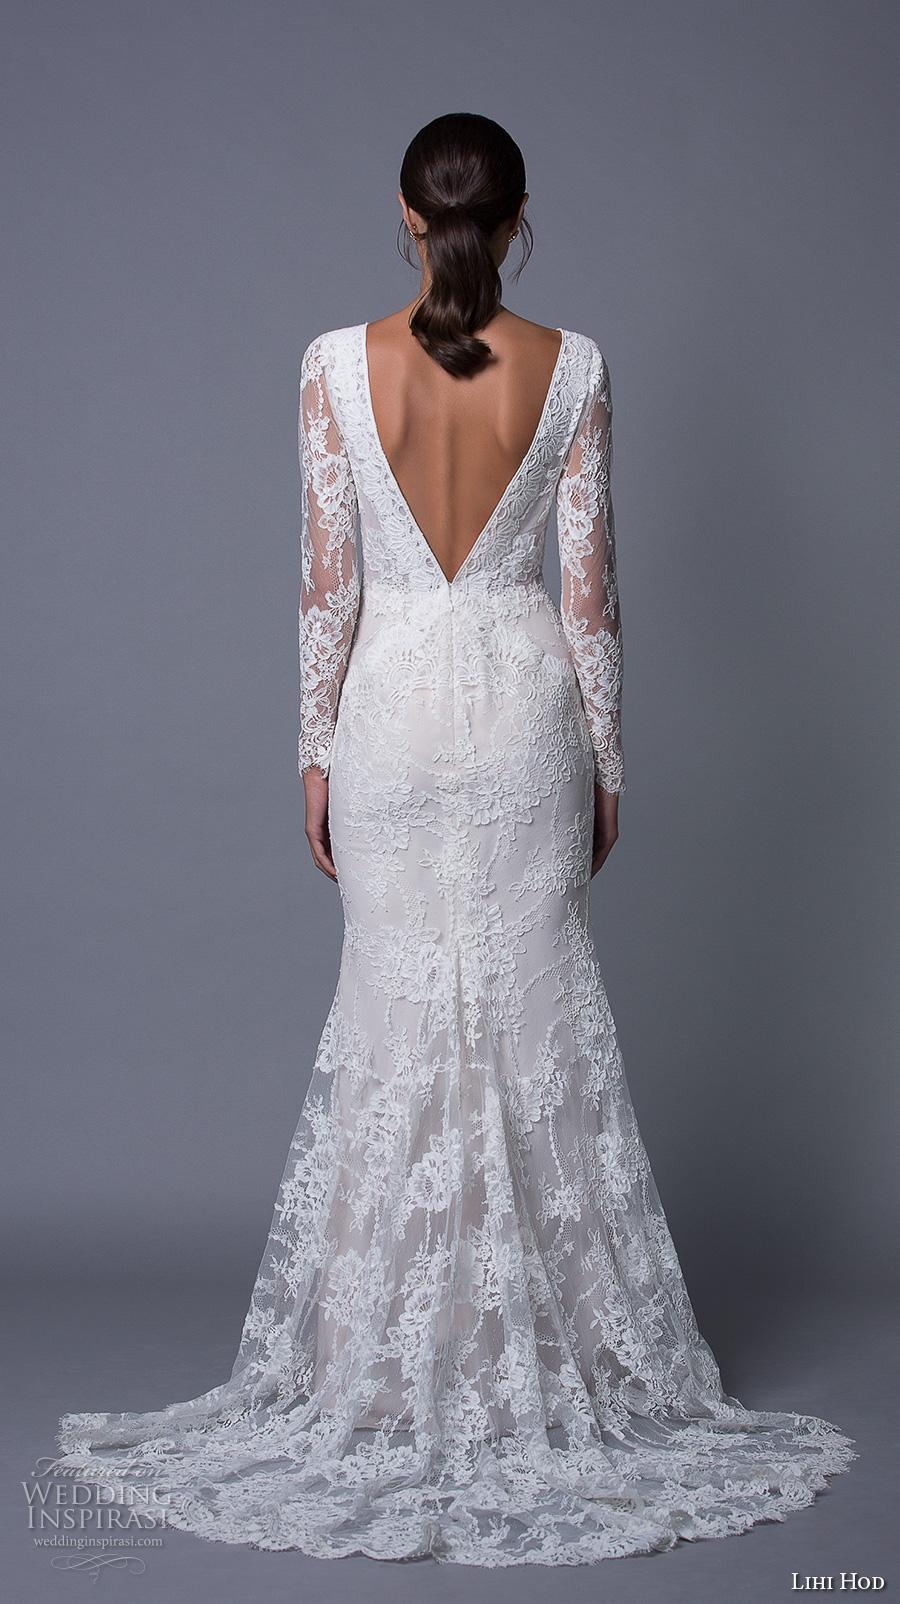 Milanoo Wedding Dresses 77 Fabulous lihi hod bridal long